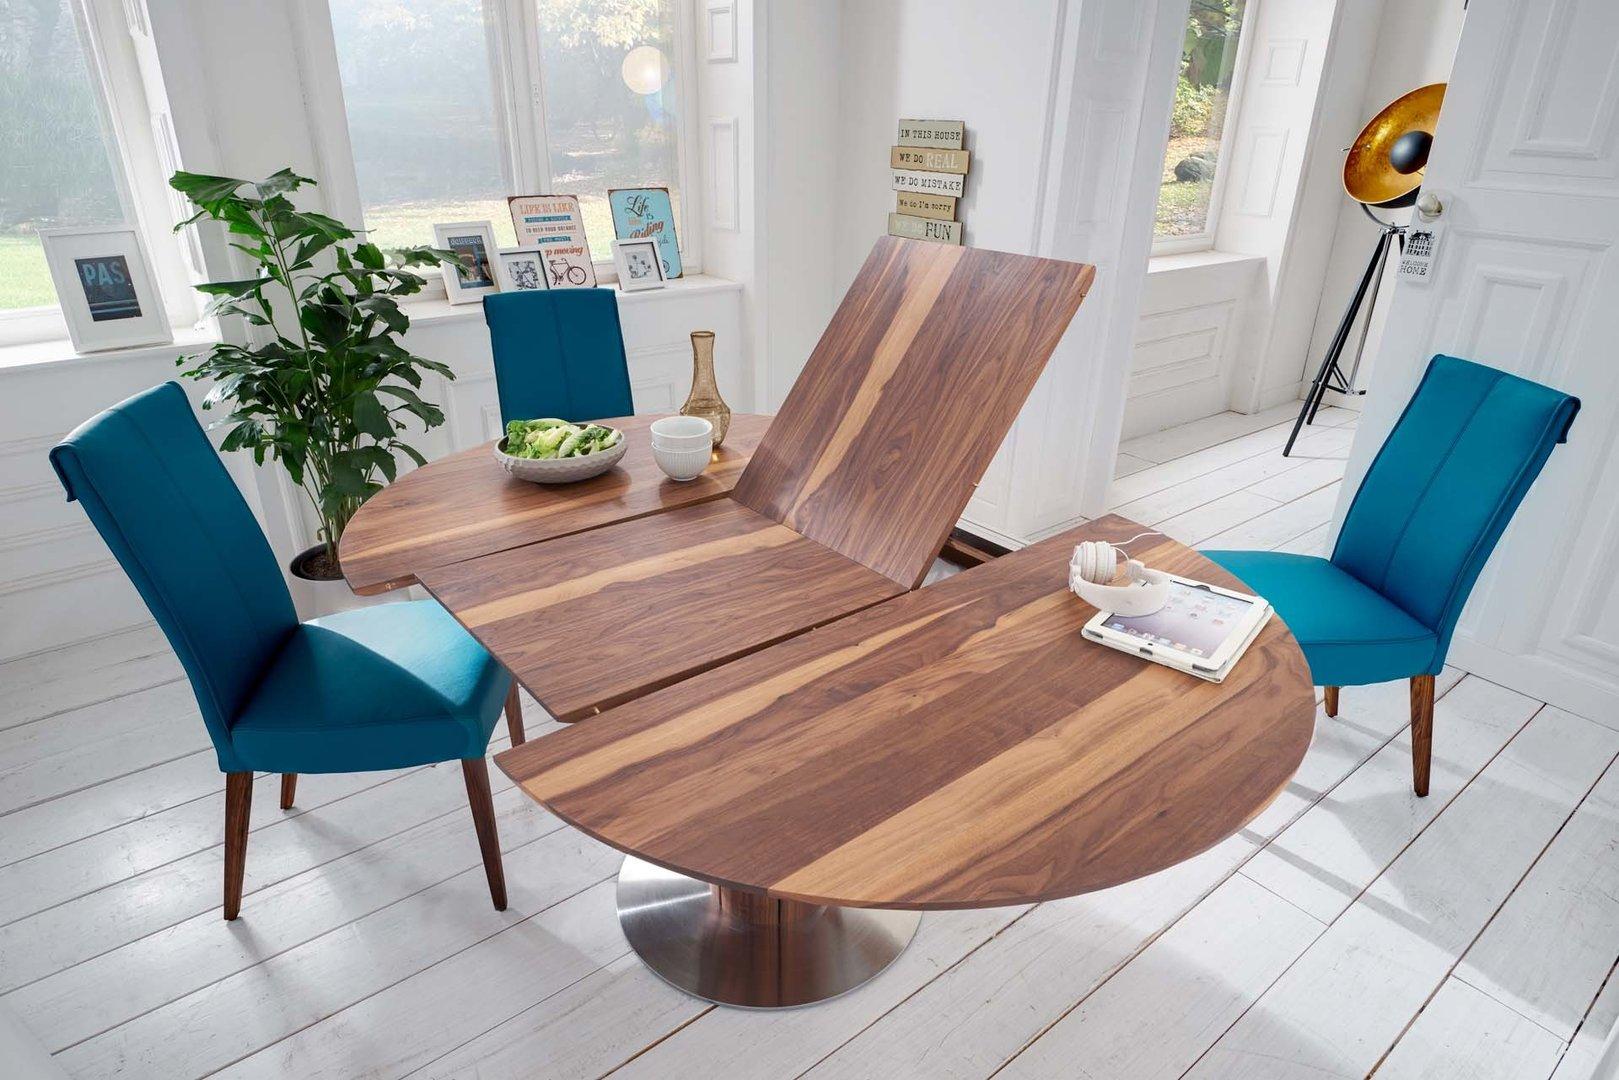 Full Size of Esstische Ausziehbar Massivholz Design Runde Massiv Rund Designer Moderne Holz Kleine Esstische Esstische